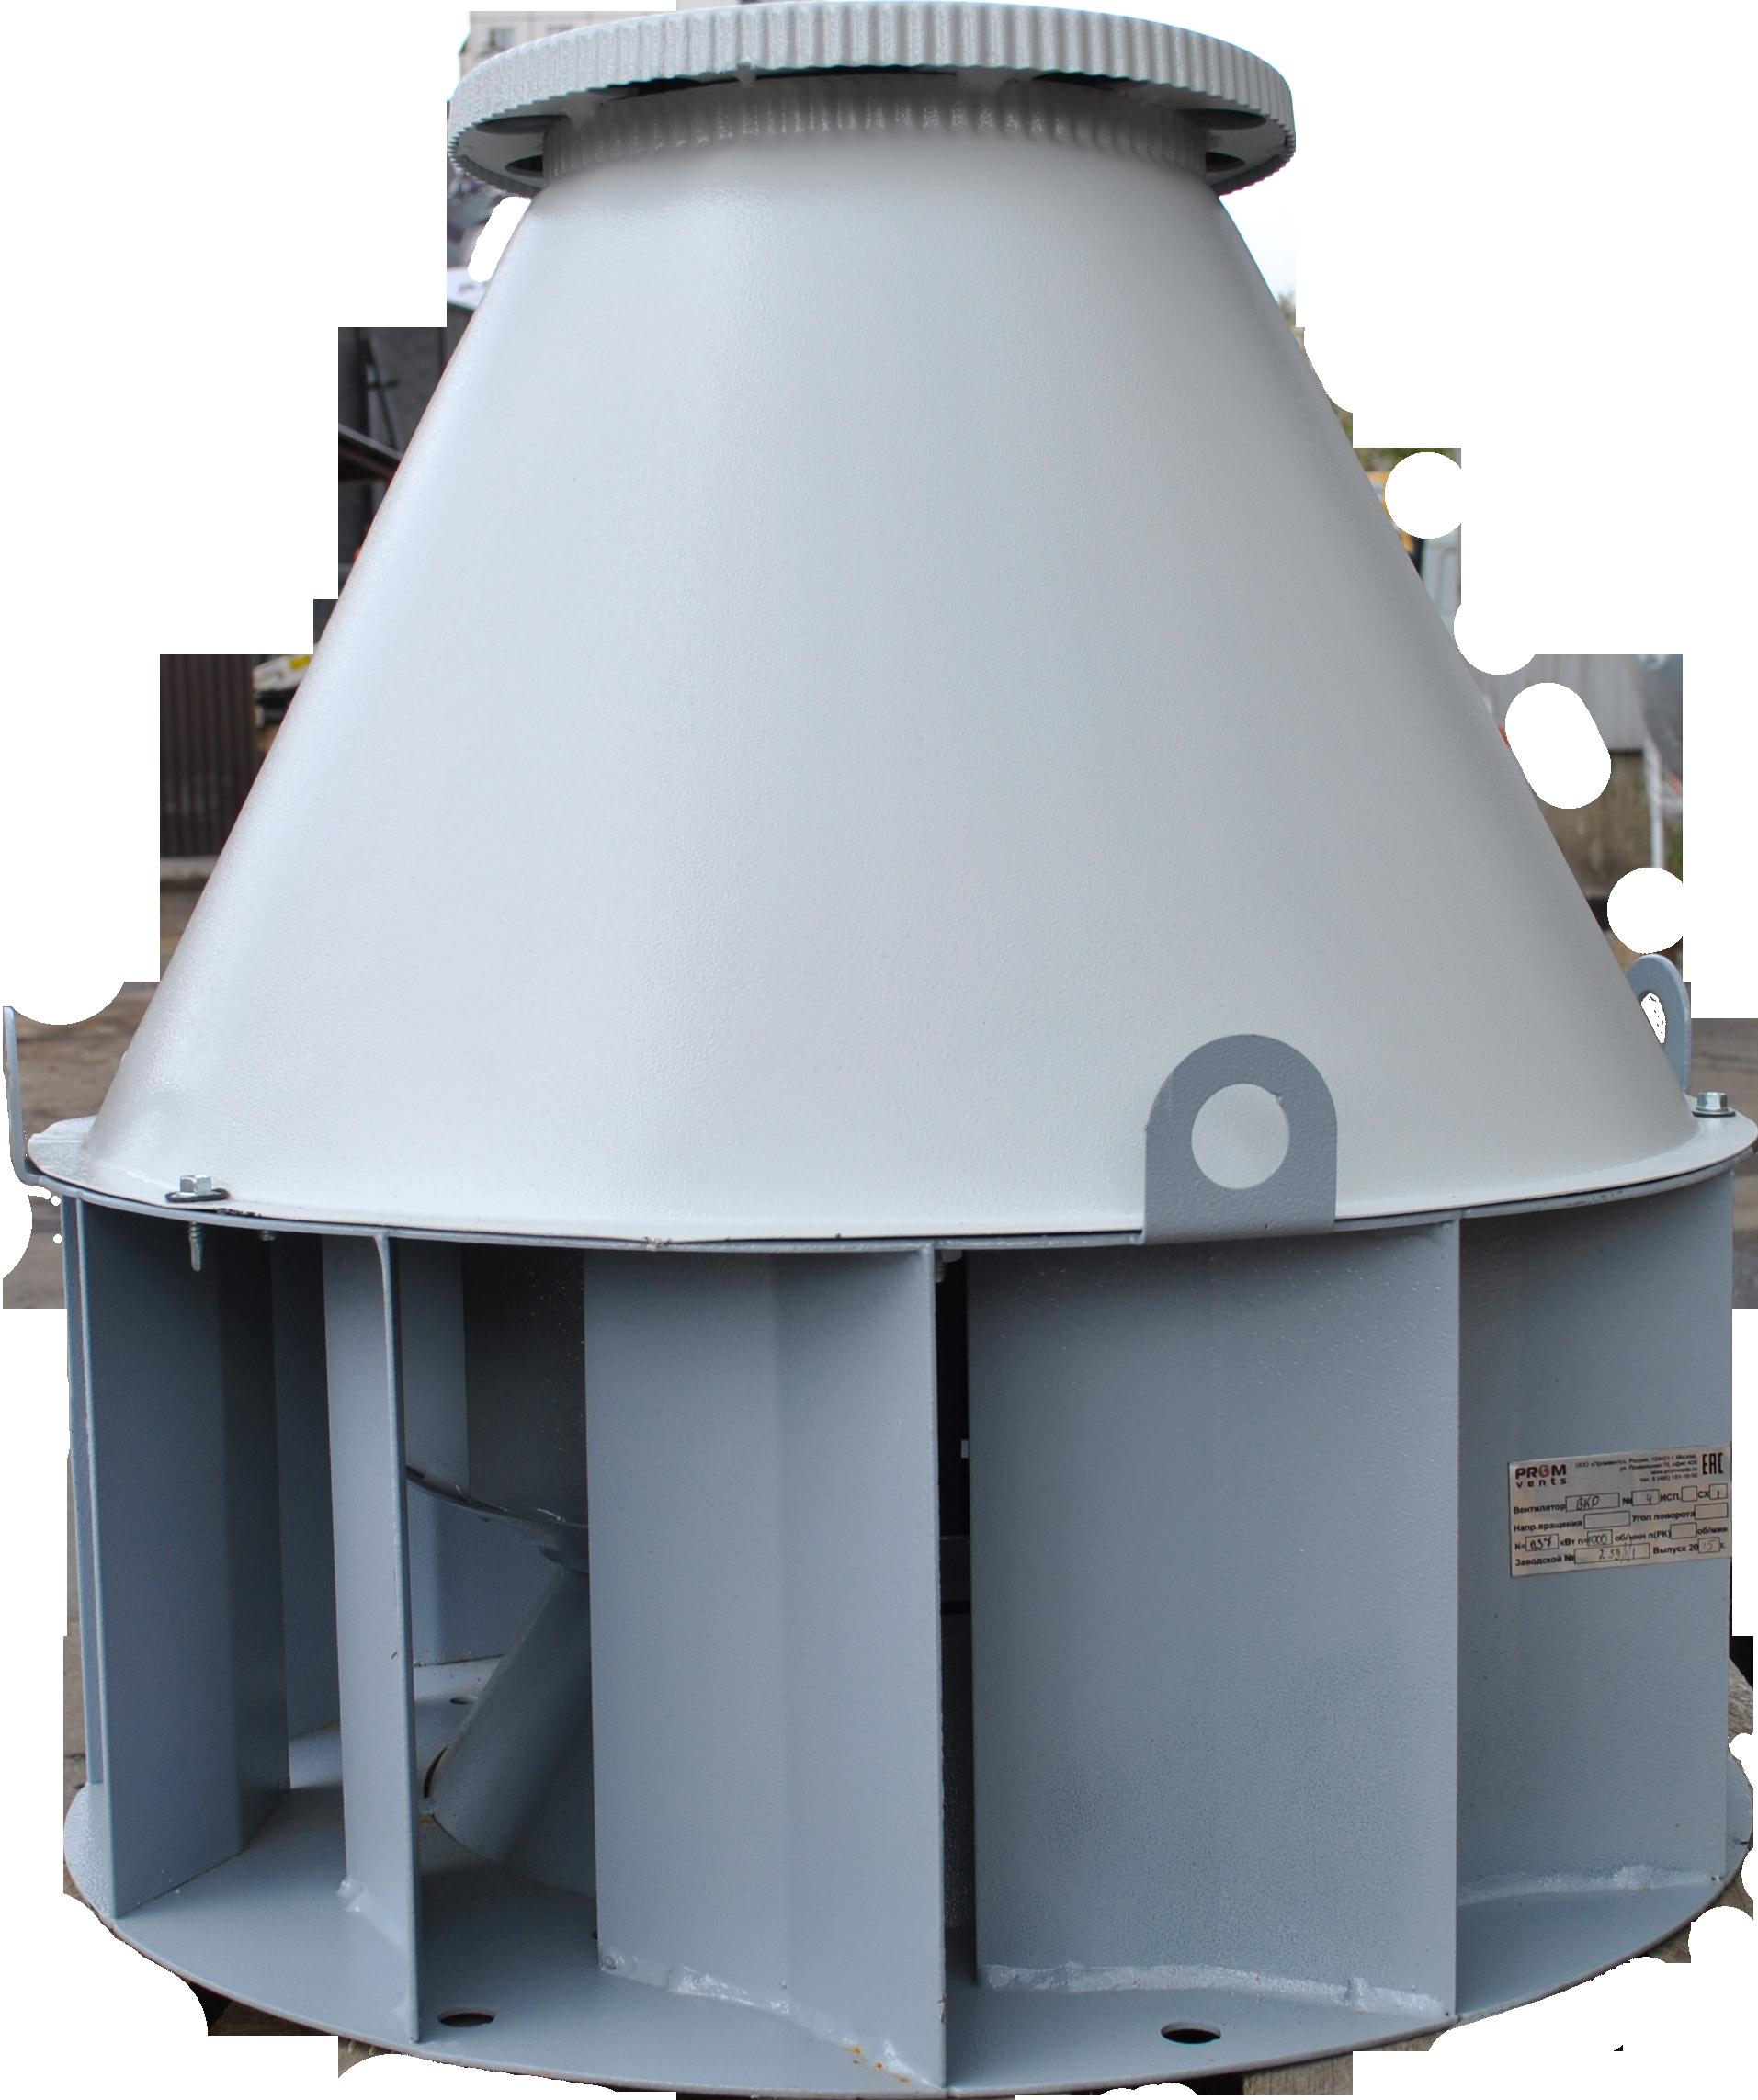 Вентилятор ВКРС №9 ДУ 7,5 кВт 1000 об/мин